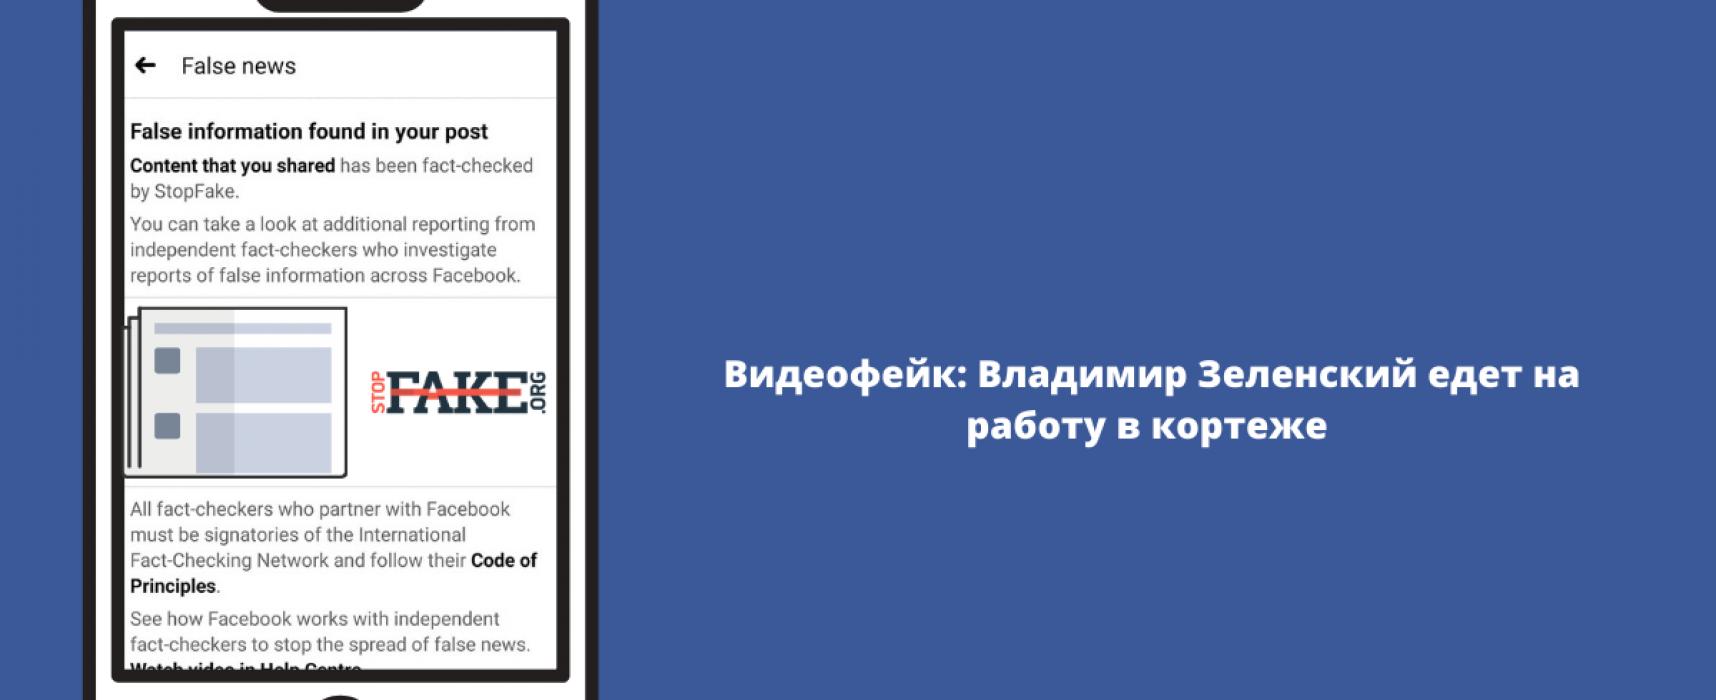 Видеофейк: Владимир Зеленский едет на работу в кортеже